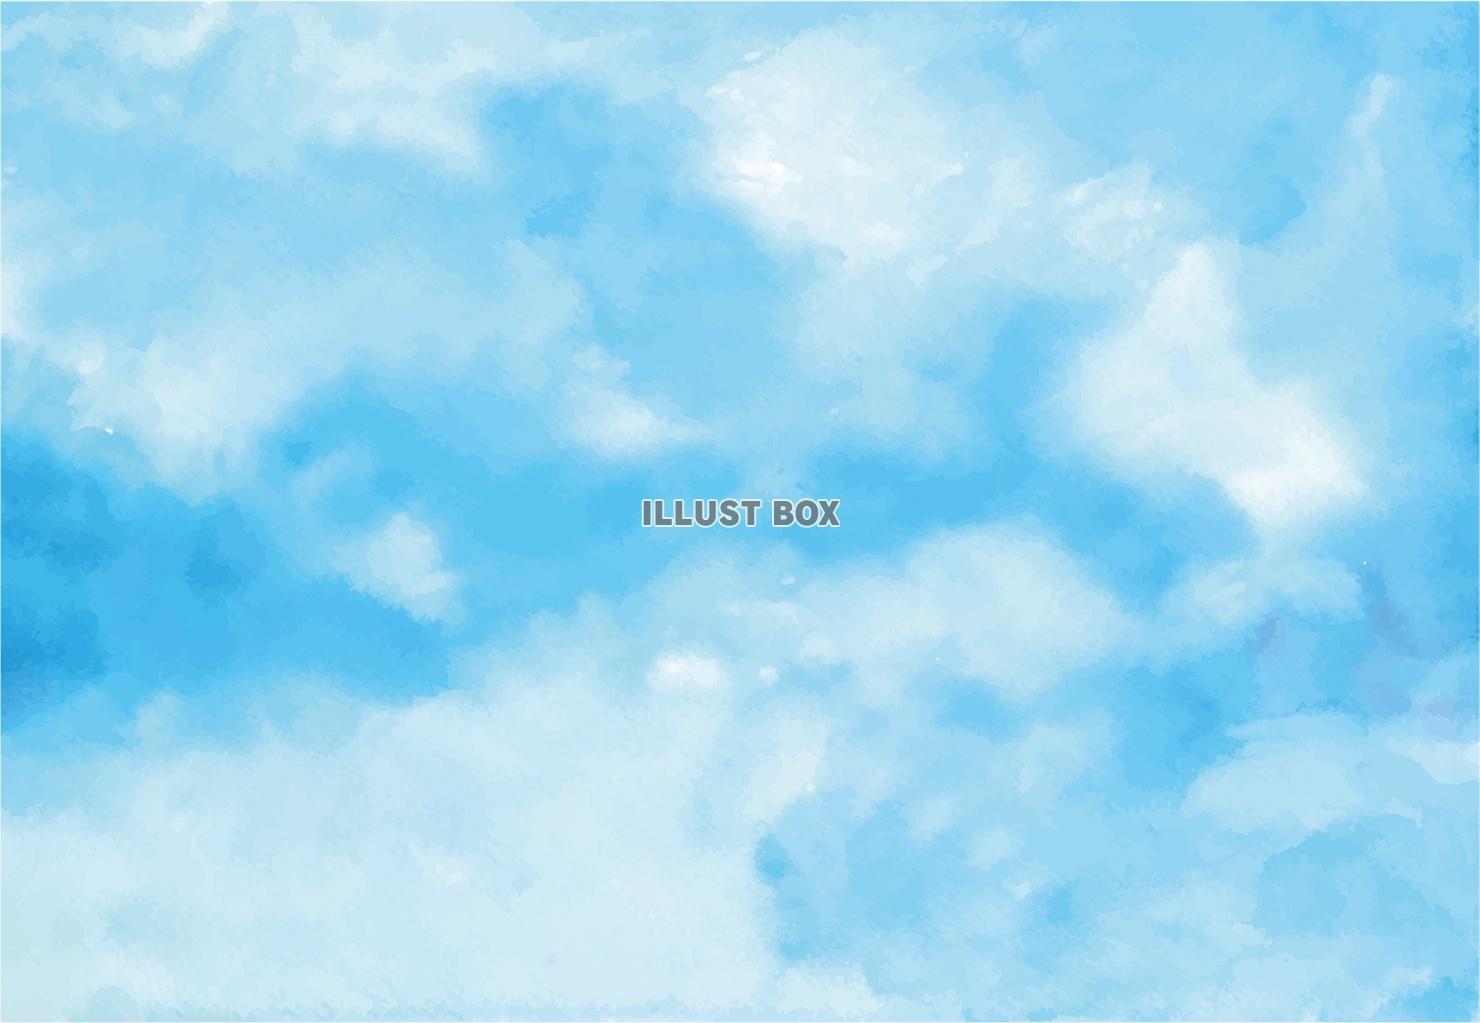 無料イラスト 夏 空 海イメージ 水彩背景画 水色 ブルー